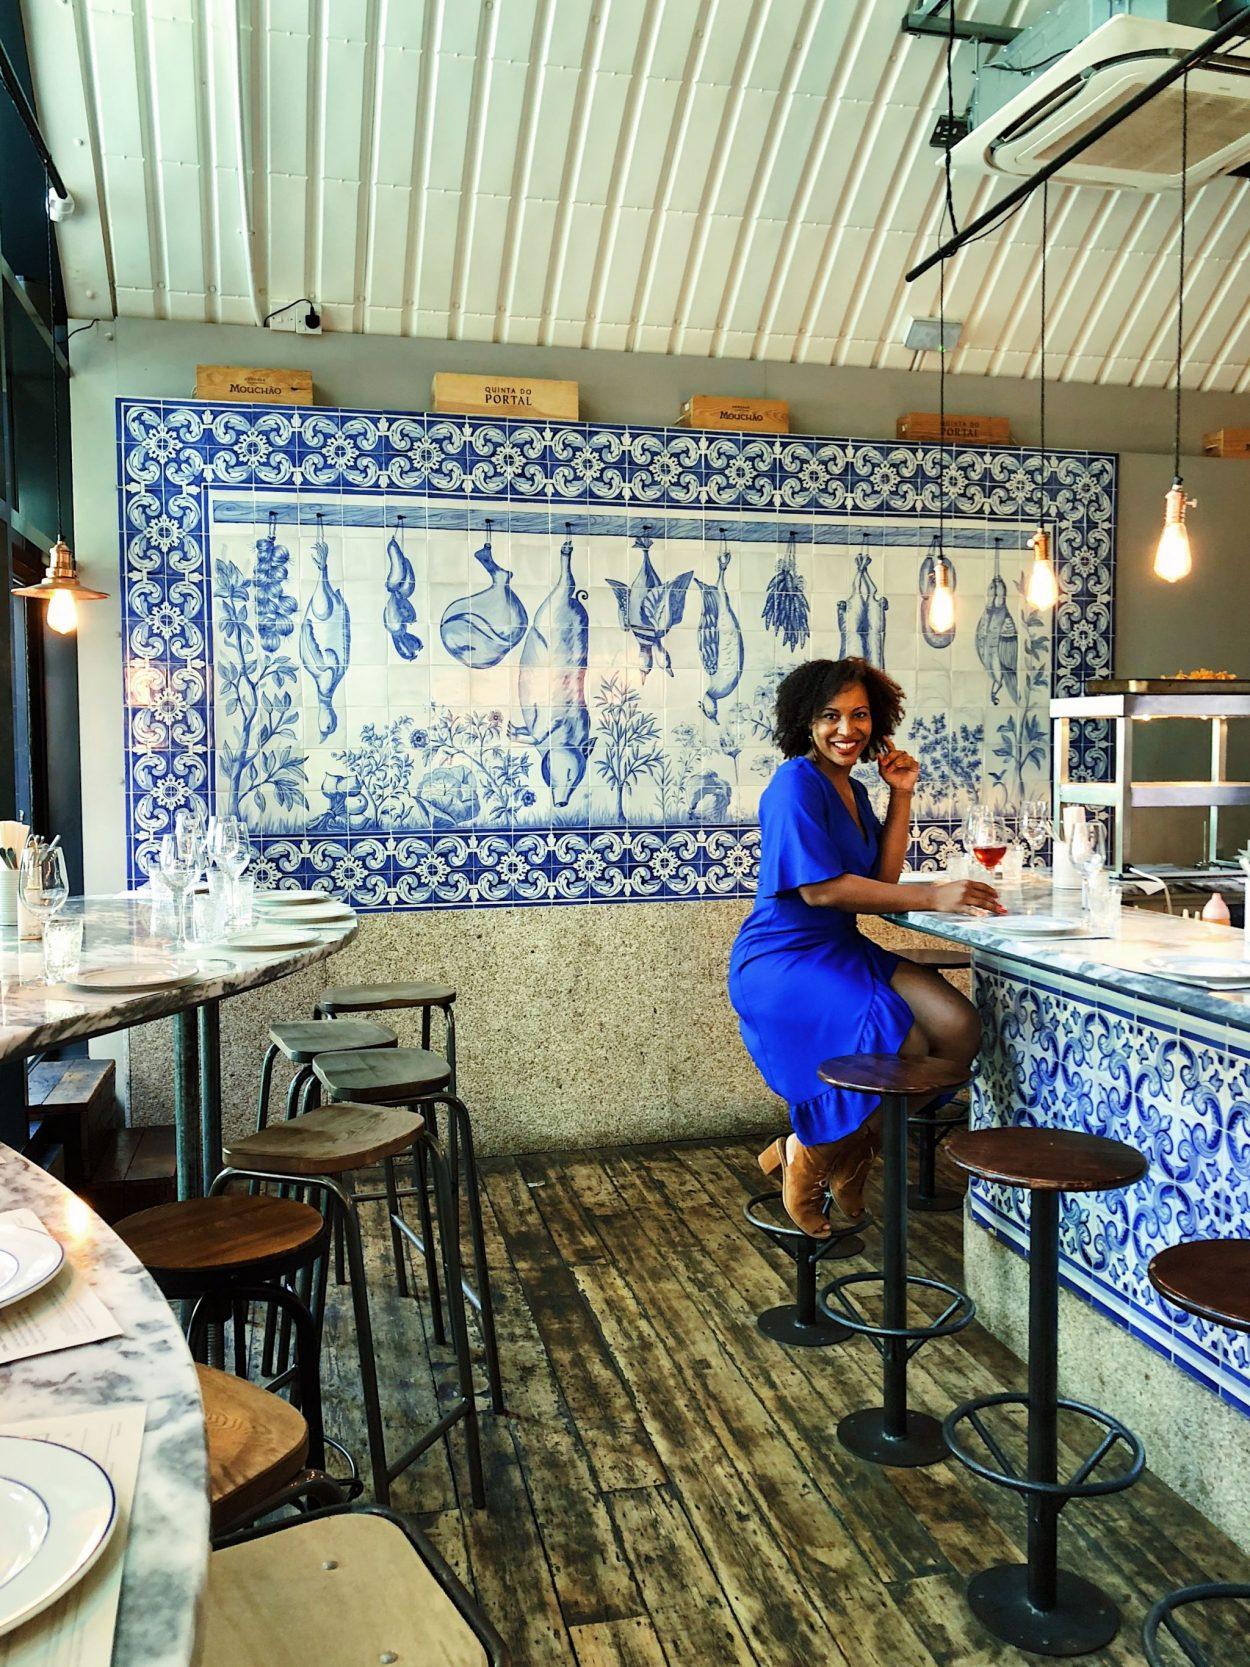 Bar Douro Best Portuguese Restaurant London Review